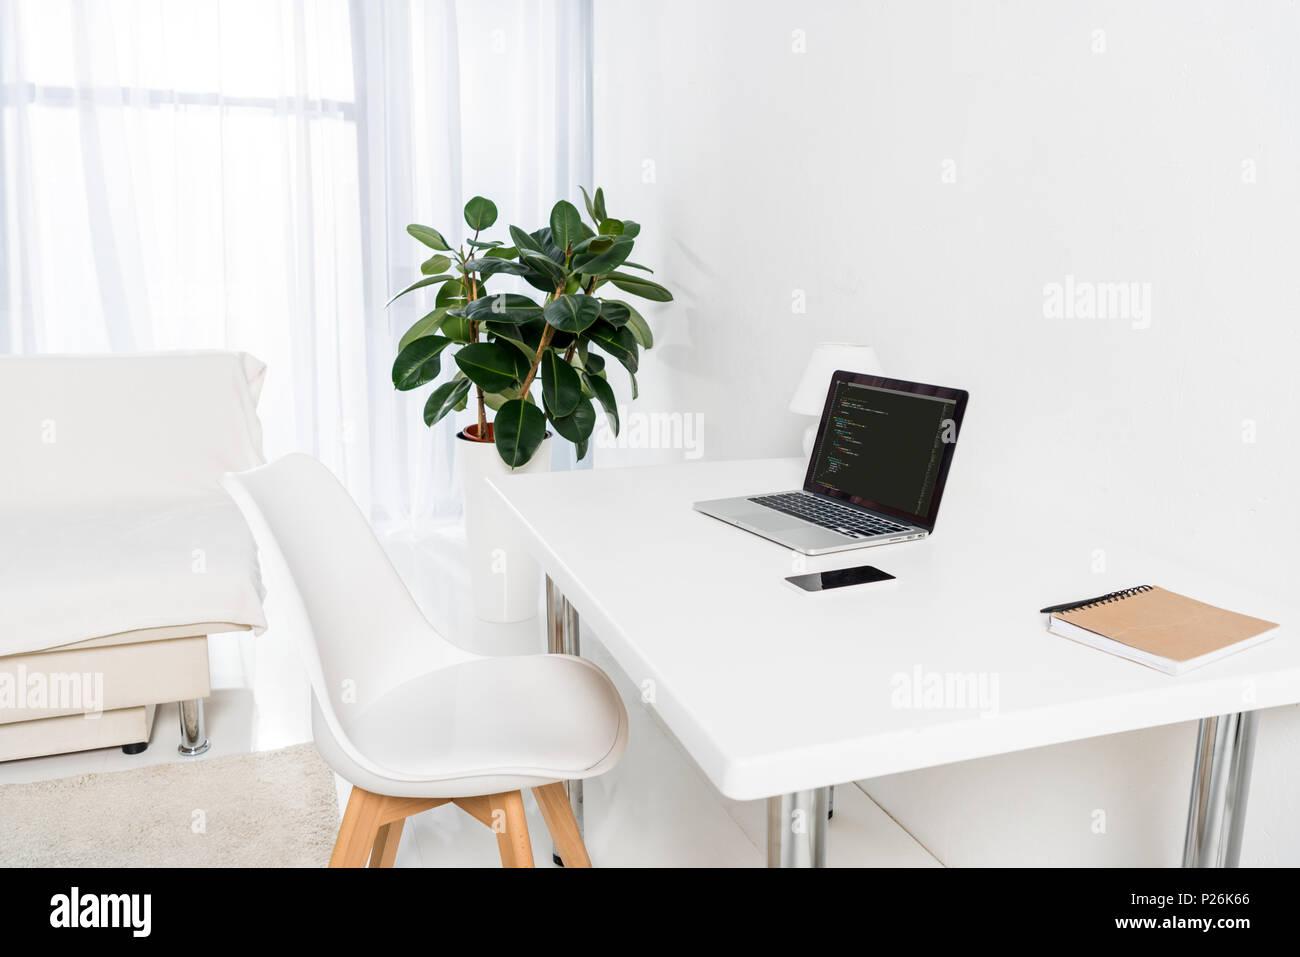 laptop mit html code smartphone und notebook auf dem tisch im wohnzimmer